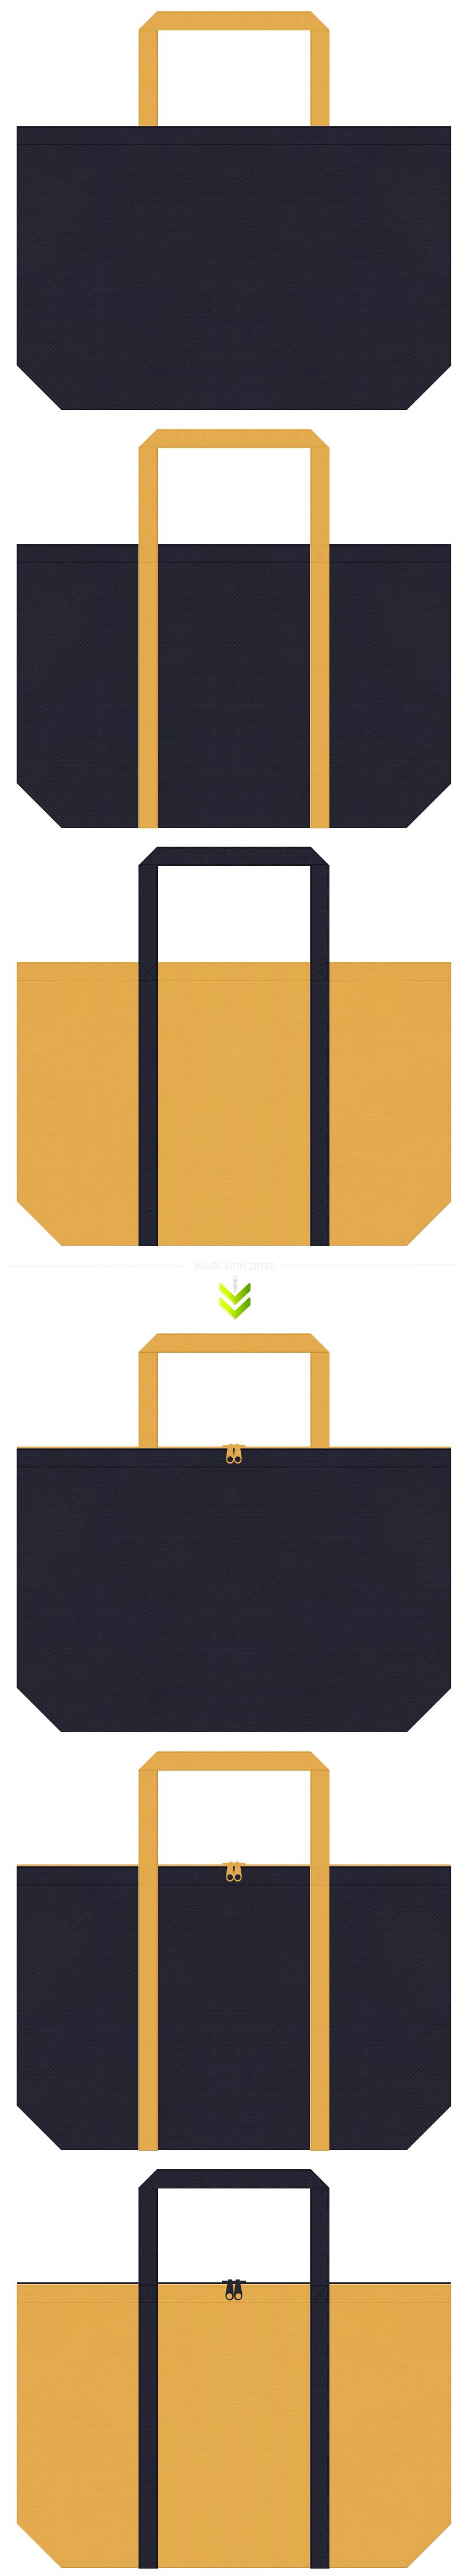 文庫本・書店・学校・オープンキャンパス・学習塾・レッスンバッグ・インディゴデニム・ジーパン・カジュアルファッション・アウトレットのショッピングバッグにお奨めの不織布バッグデザイン:濃紺色と黄土色のコーデ